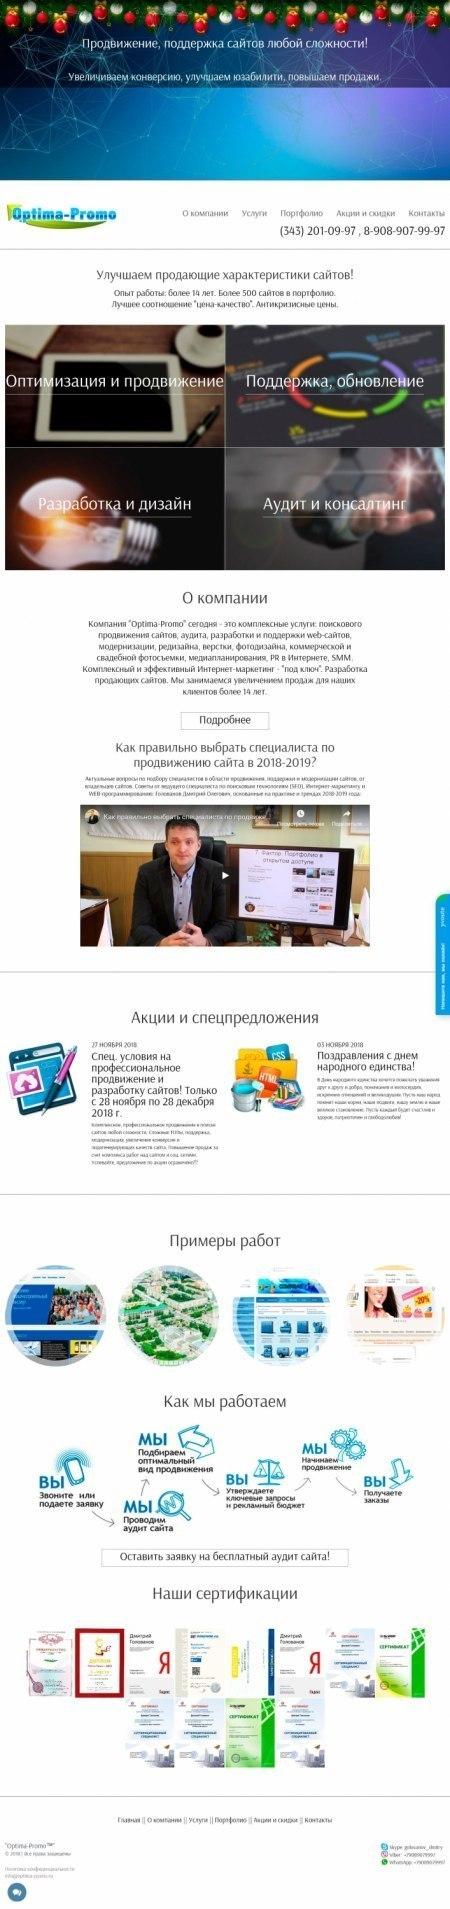 Недорогое поддержка продвижение сайтов сайт компания ас